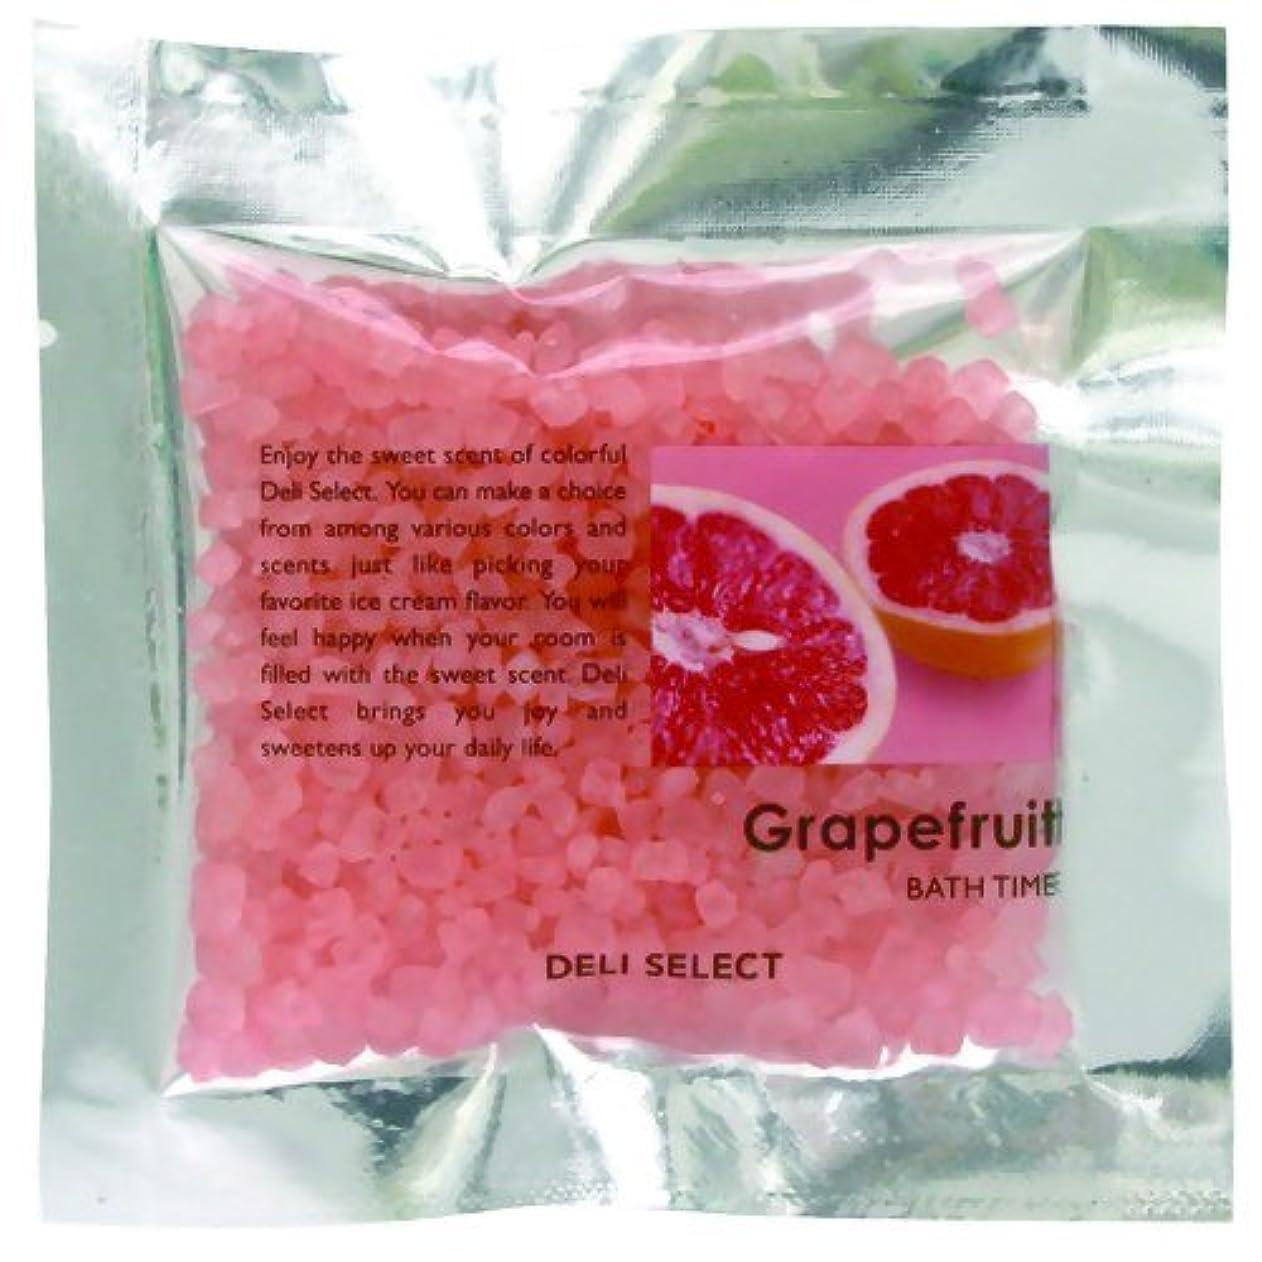 ブルパシフィック眉デリセレクト バスソルト分包 グレープフルーツ 30g